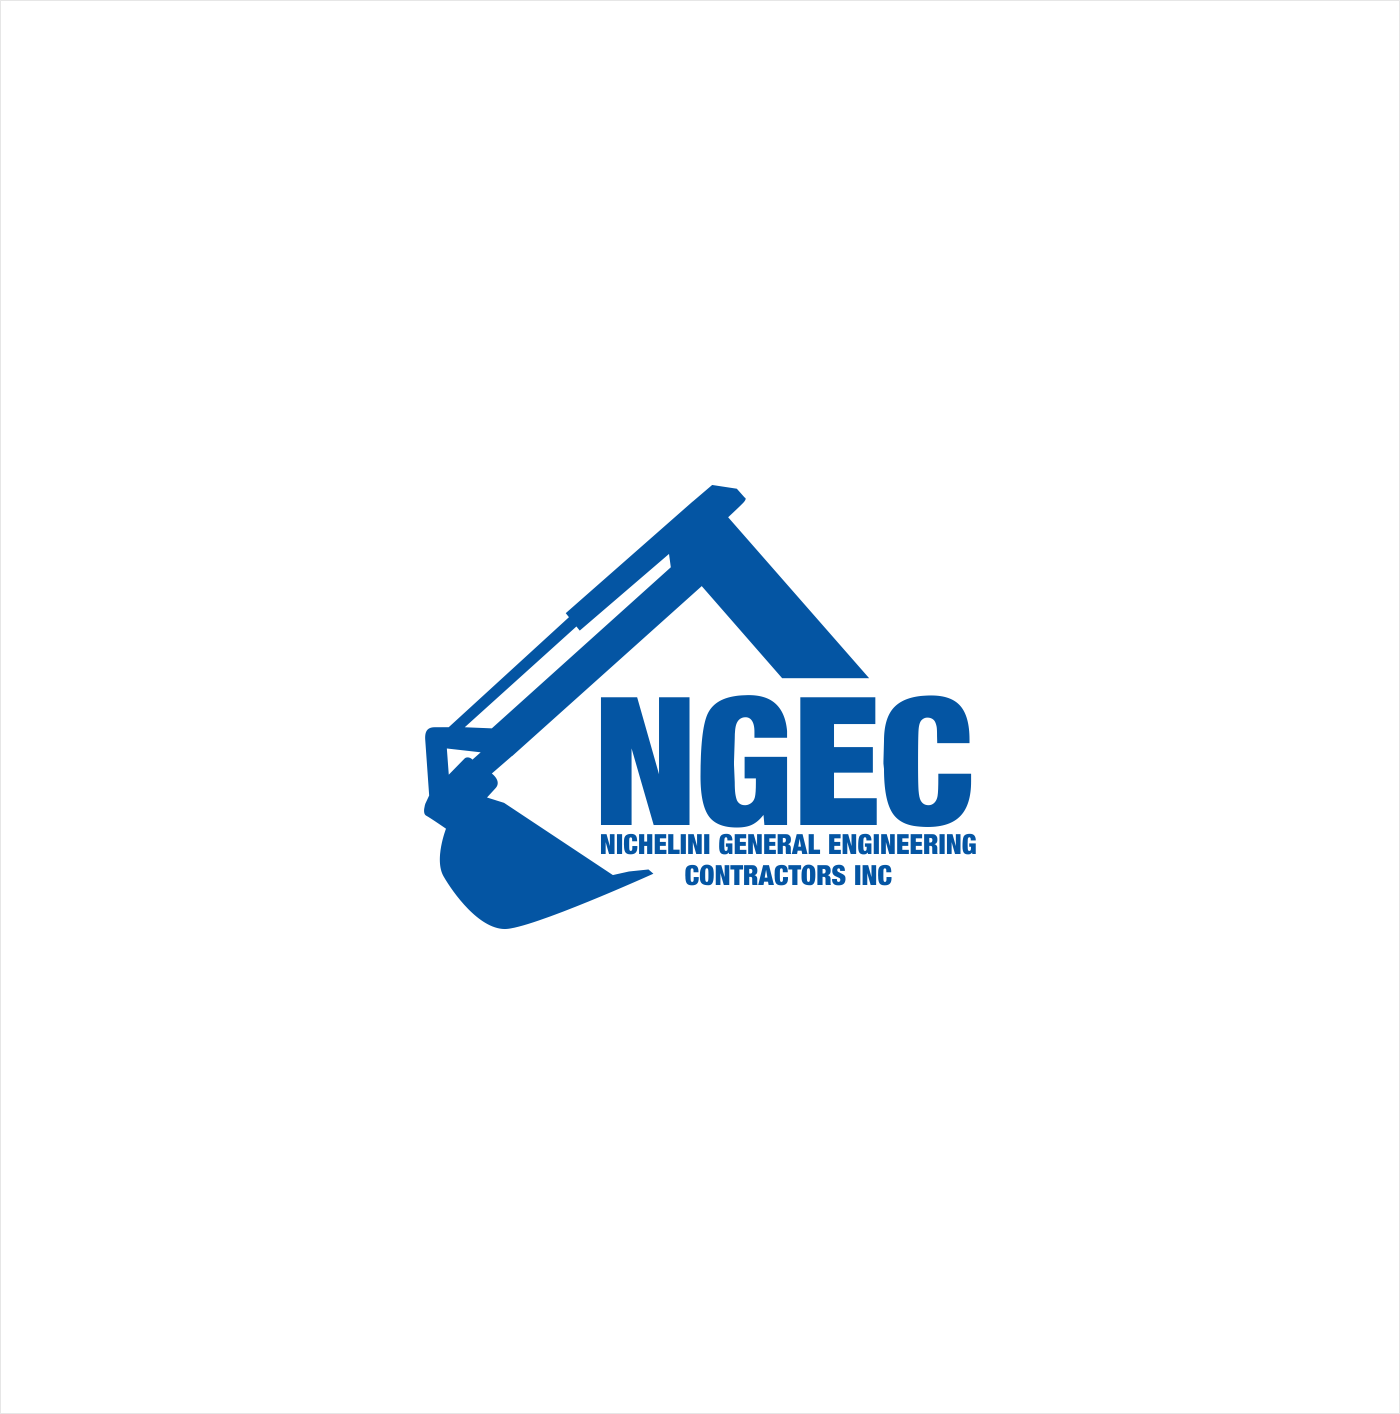 Masculine, Bold, Construction Company Logo Design for Nichelini.